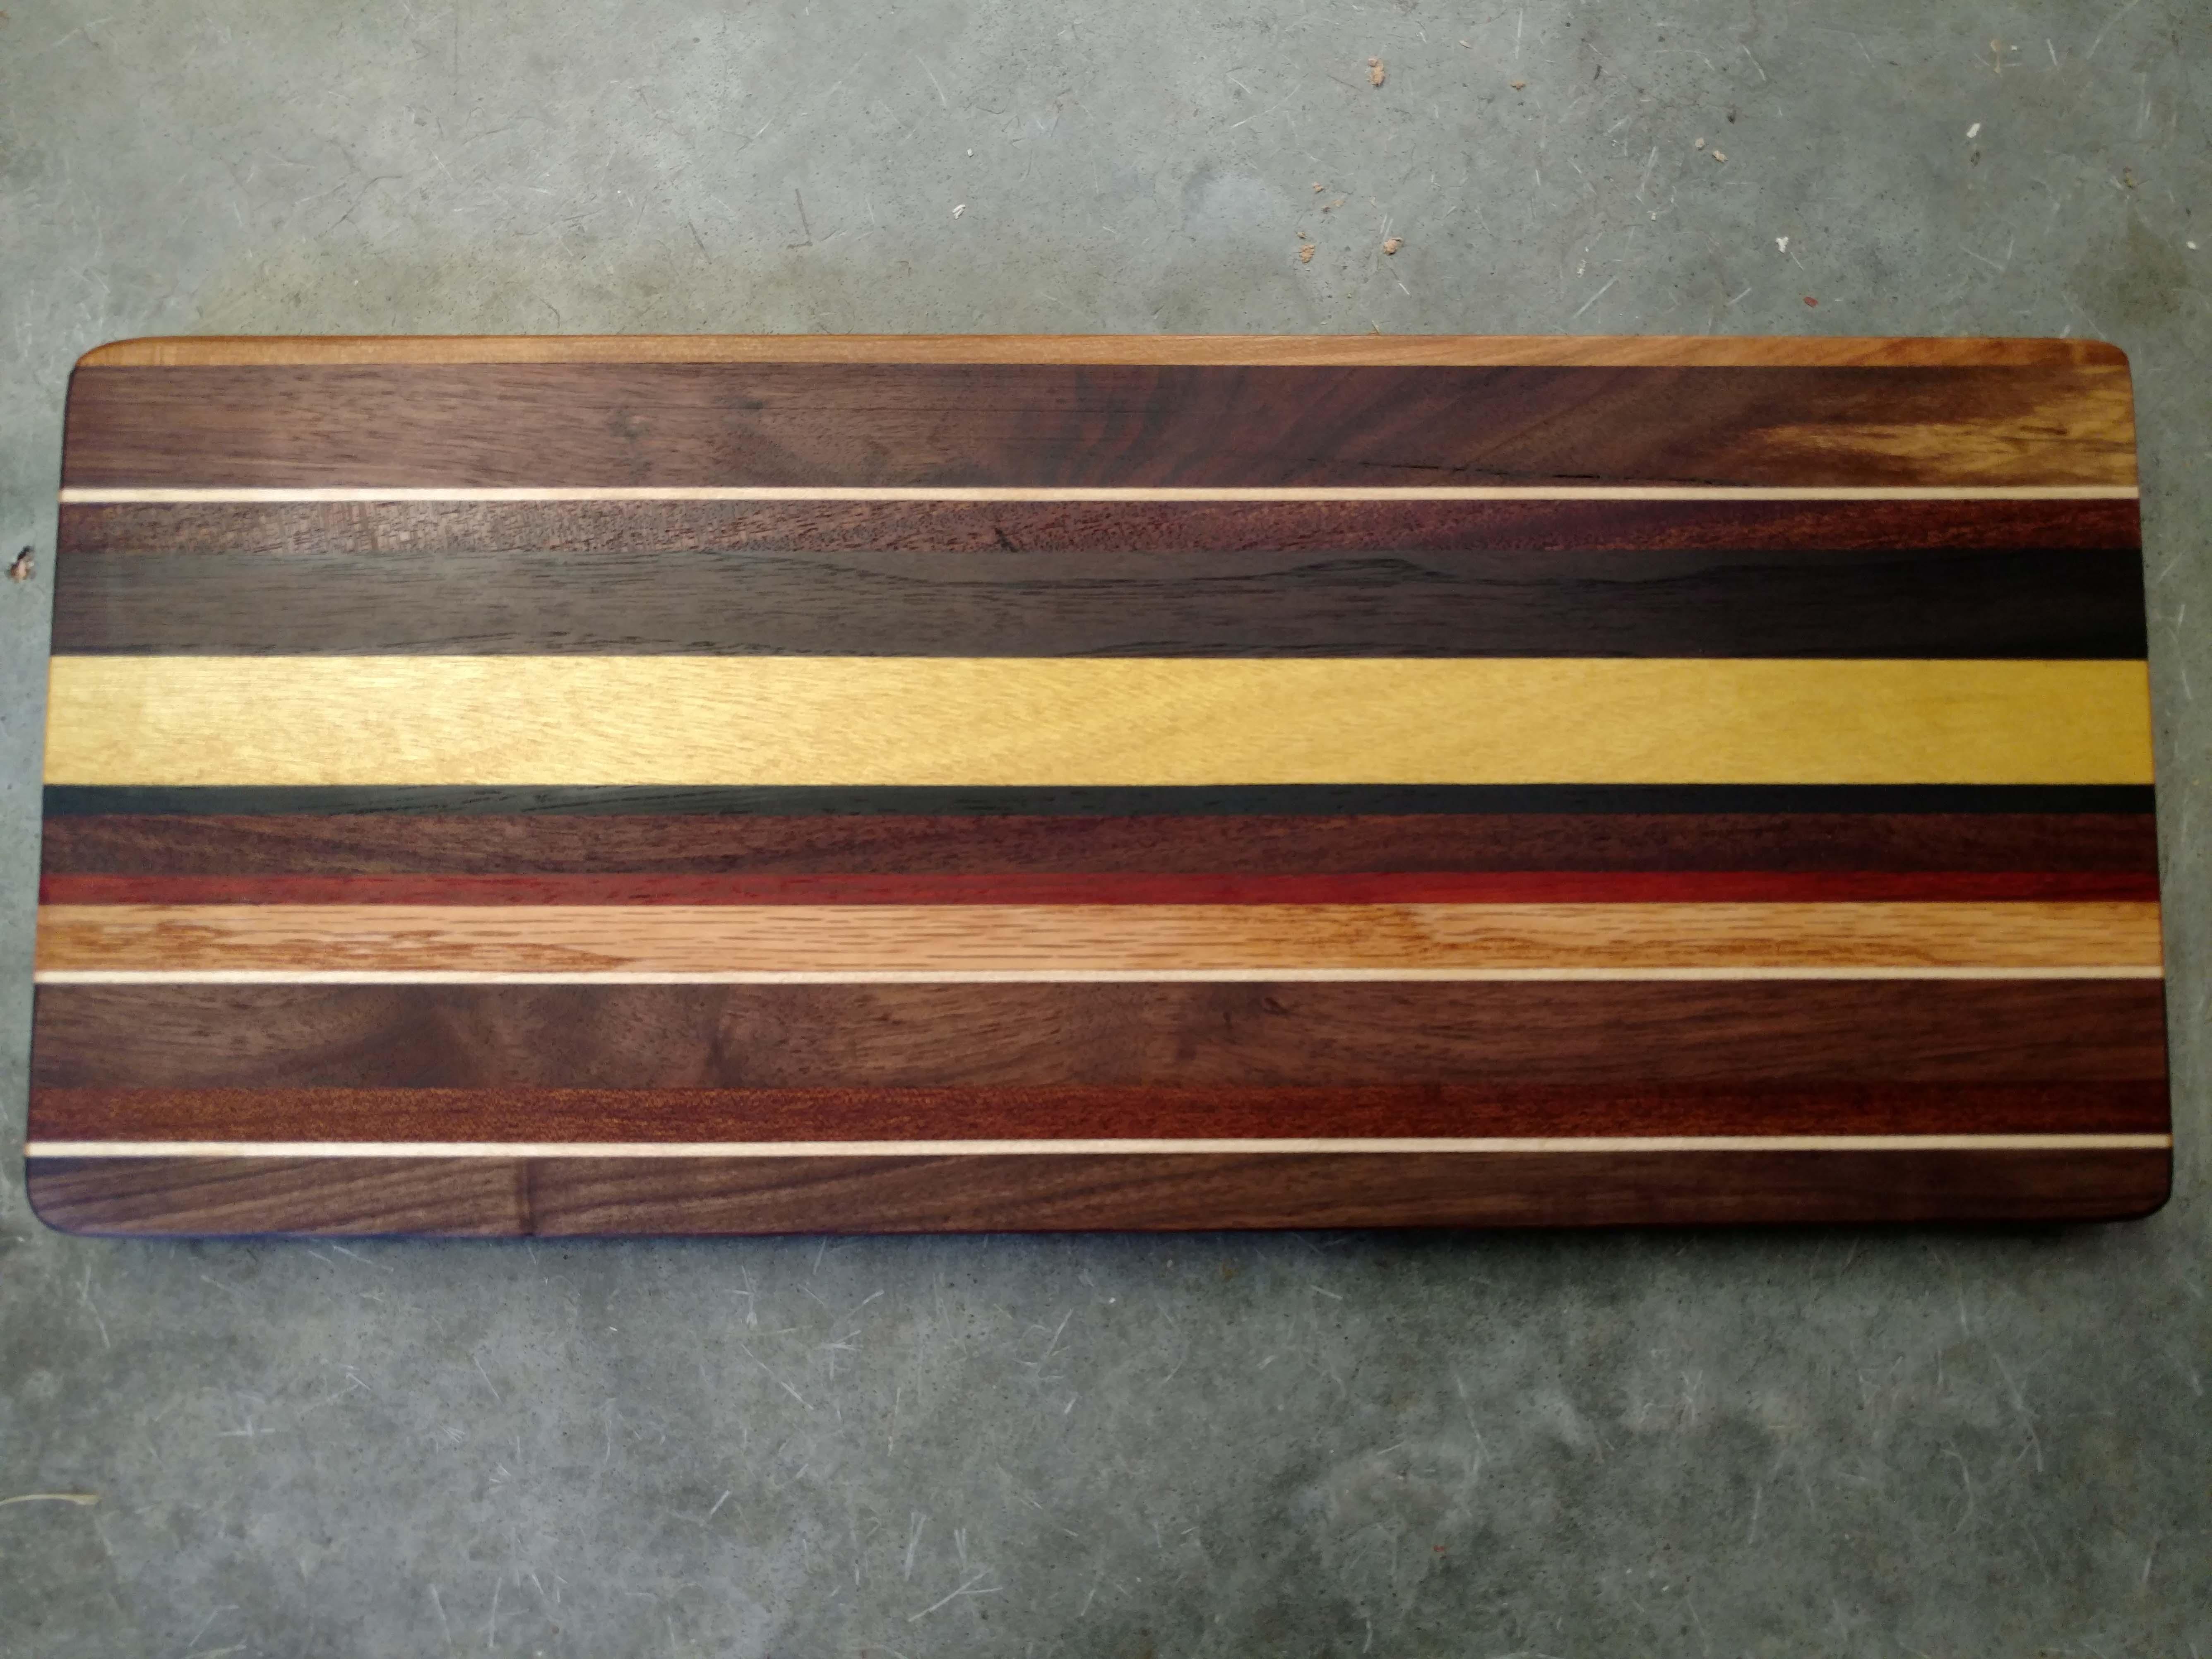 Board No. 515